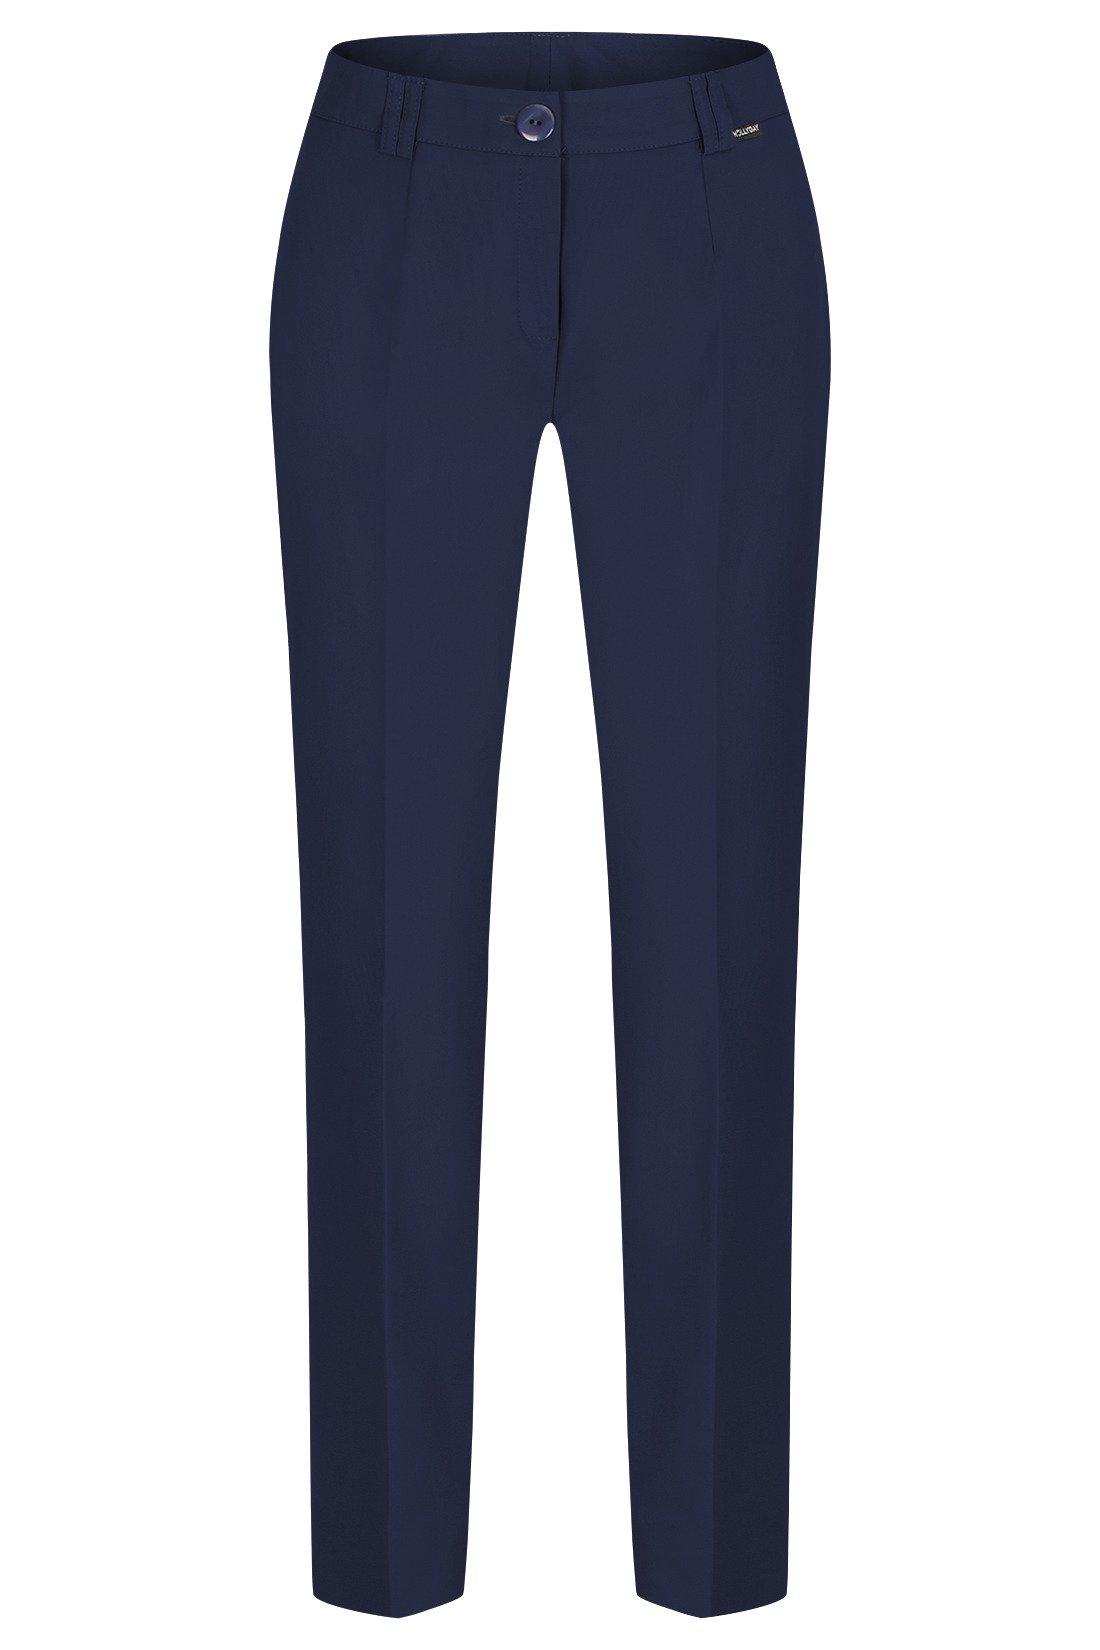 a18decd7 Spodnie damskie Hela granatowe rozciągliwe wysokie w stanie długość 7/8